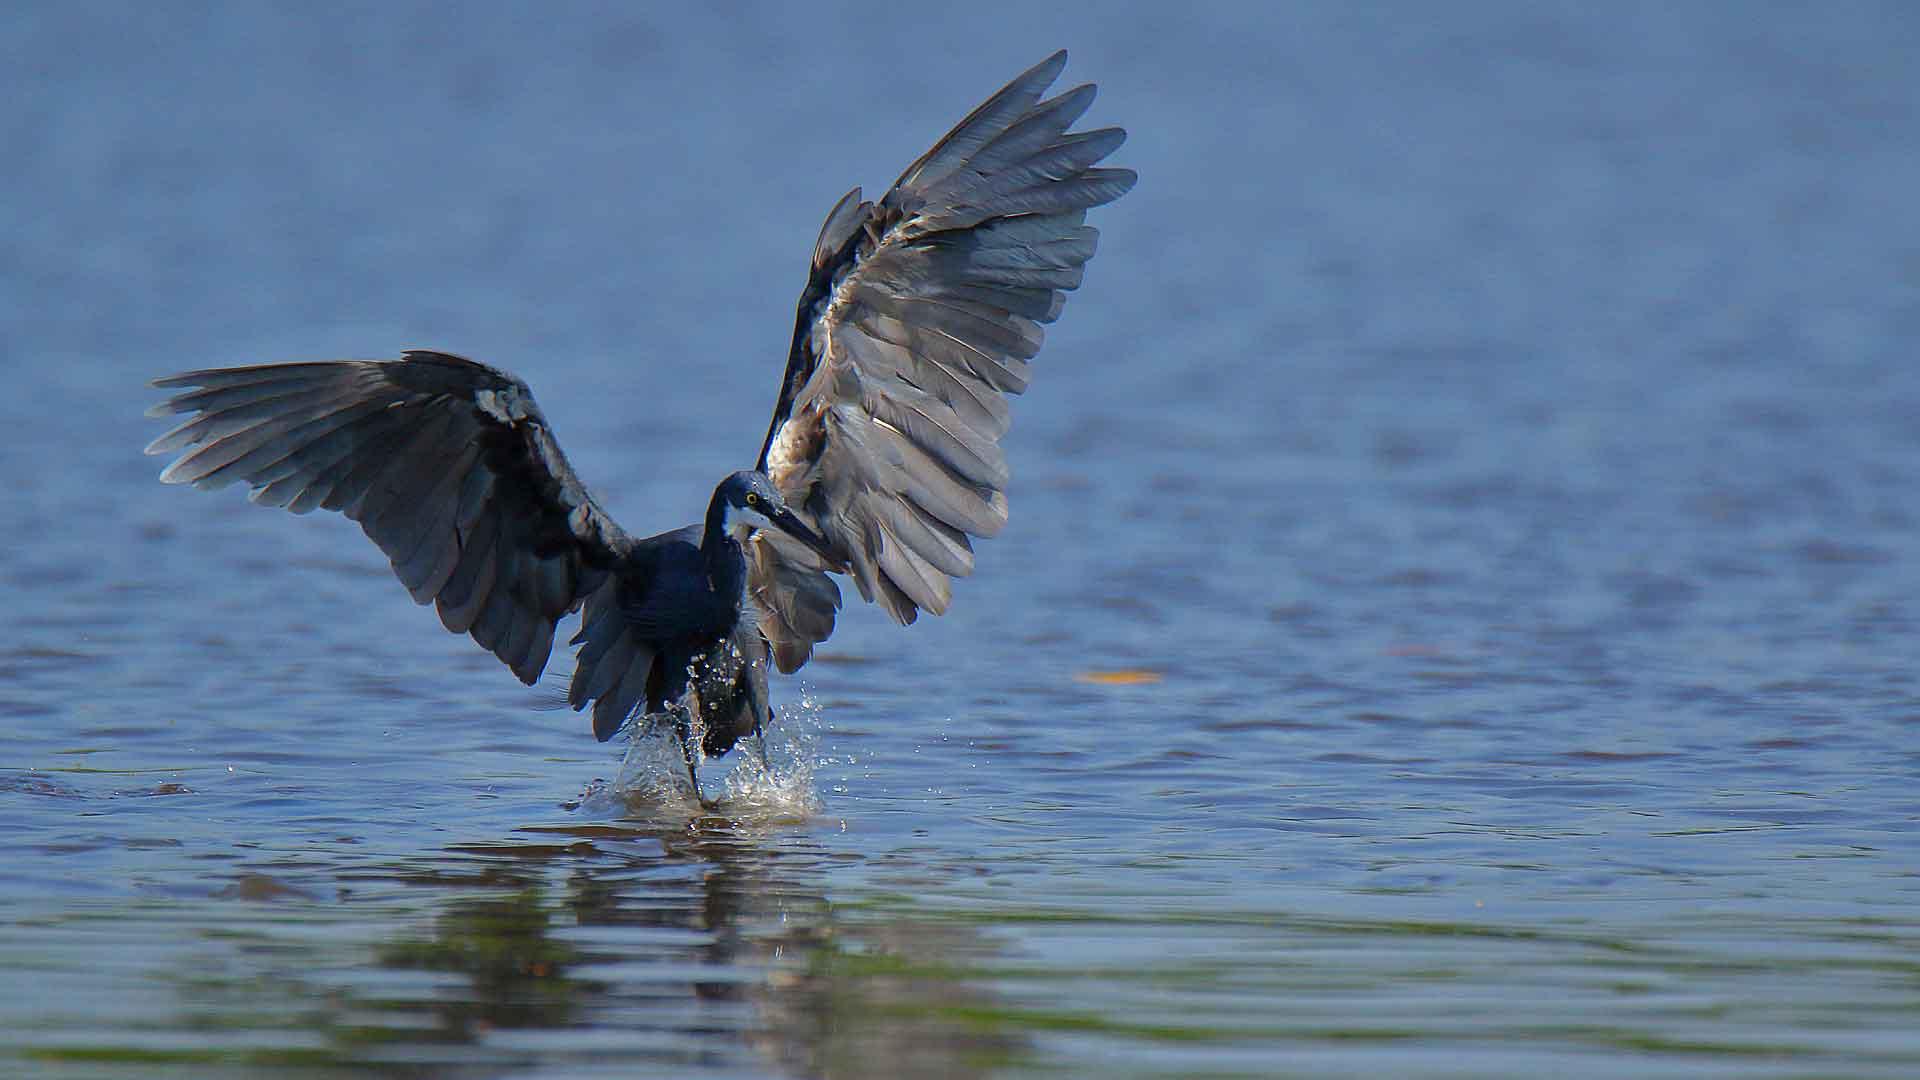 voyage ornithologique au senegal